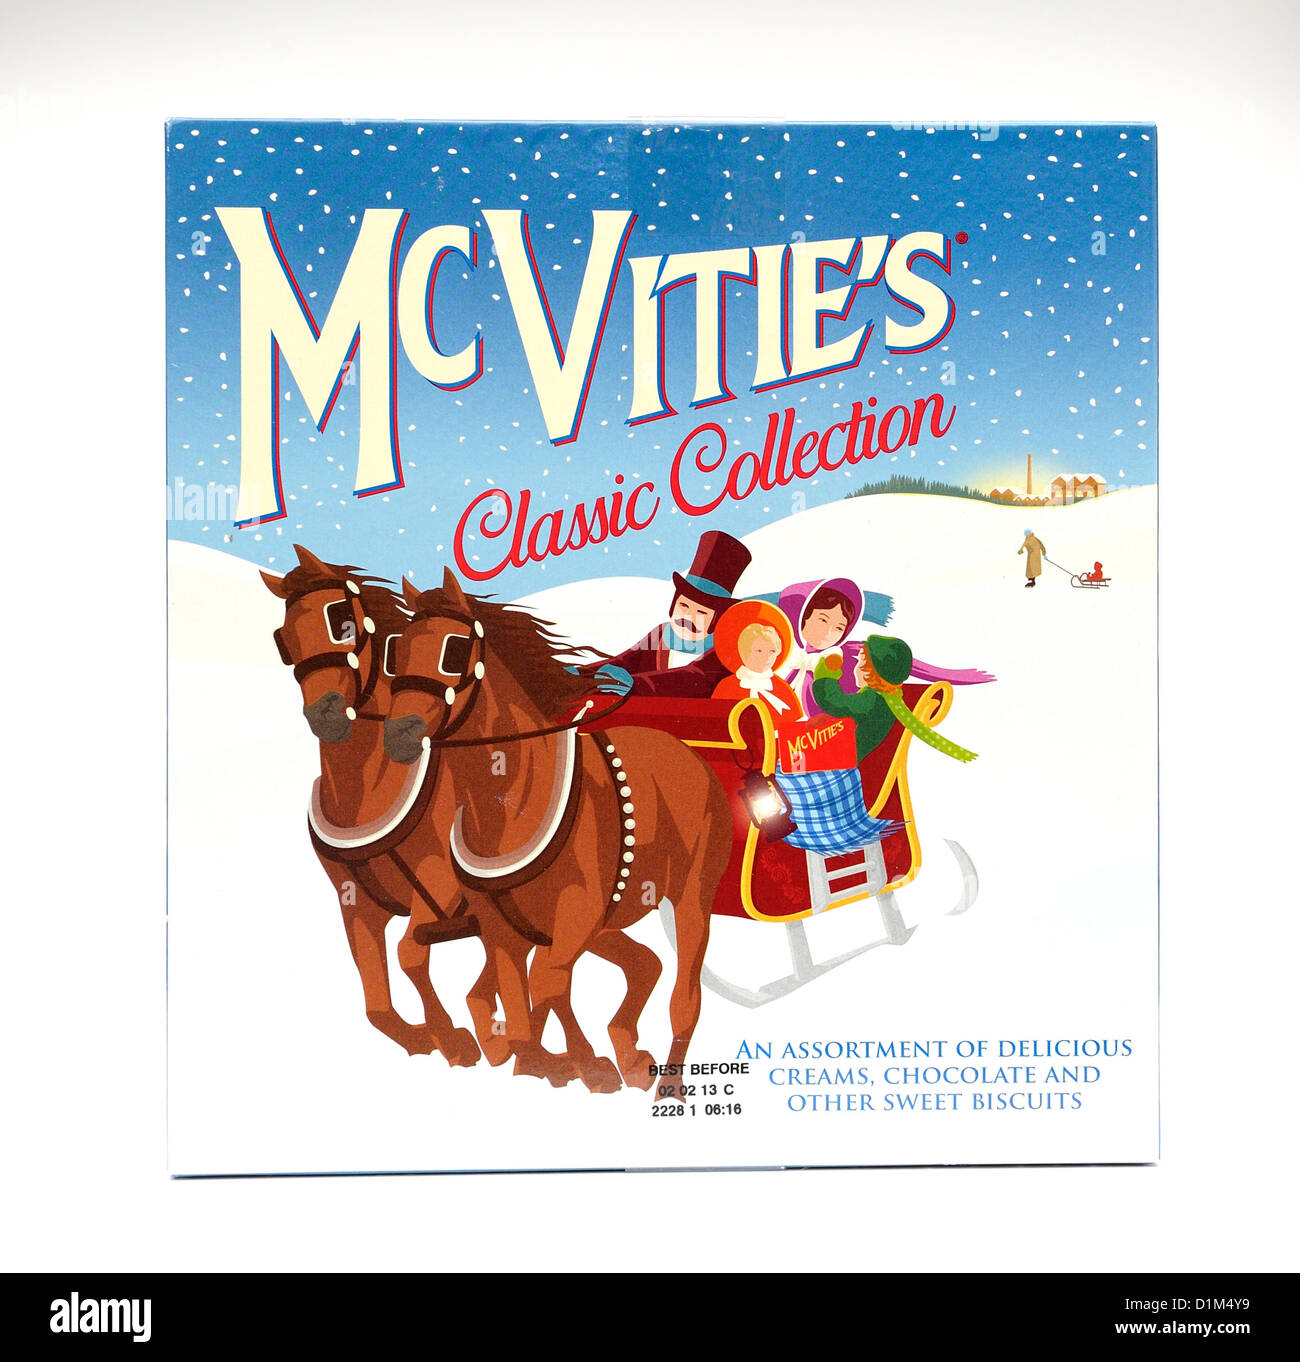 Mcvities Biscuits Stock Photos Amp Mcvities Biscuits Stock